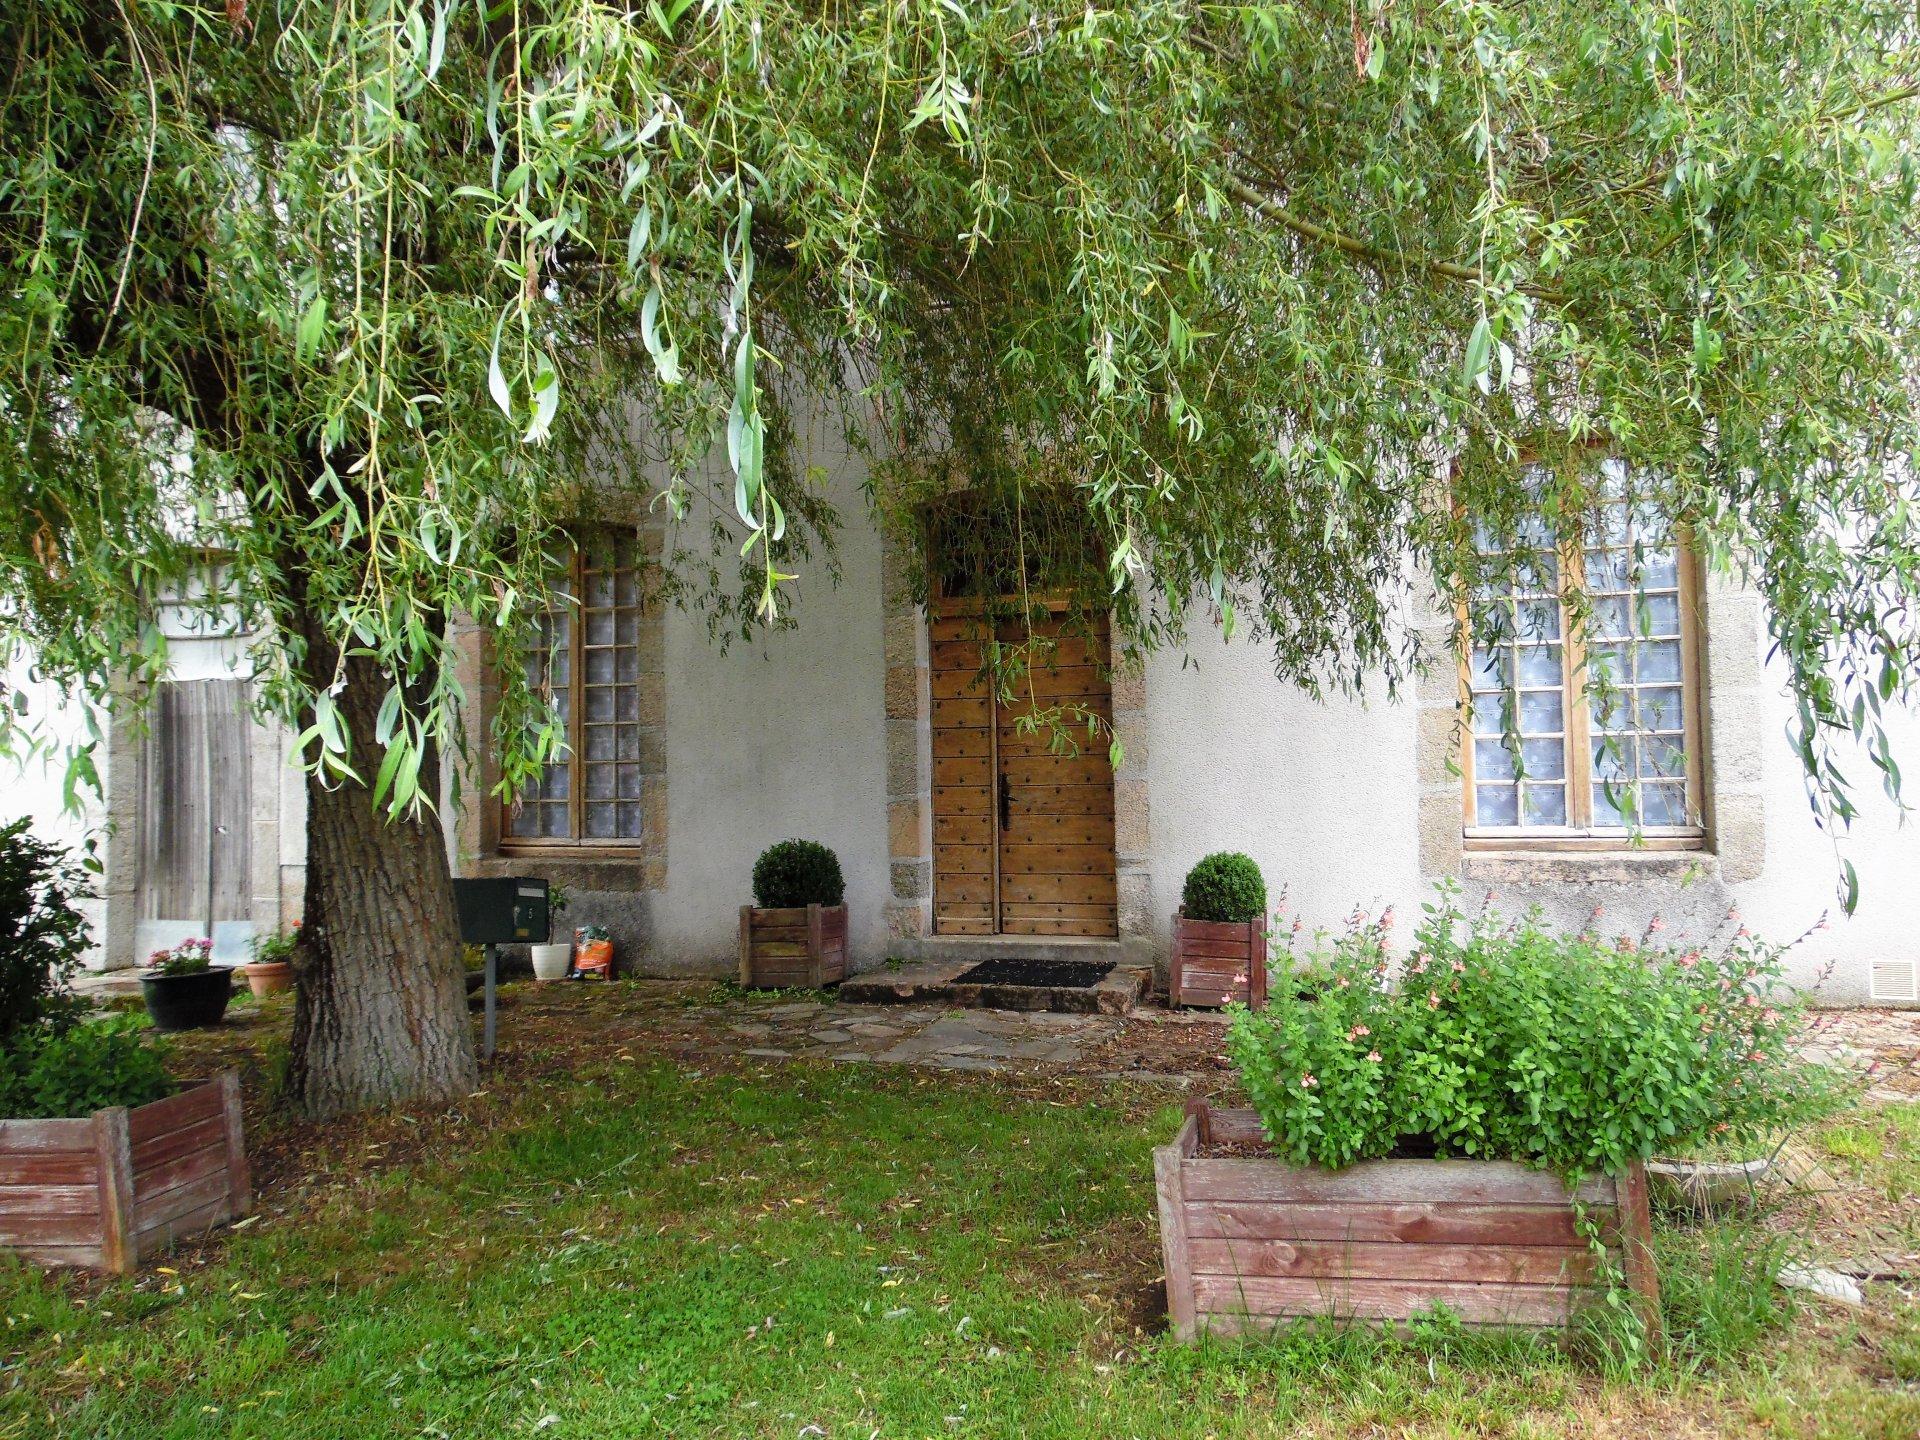 A vendre dans la Creuse, un beau château datant de 1774.